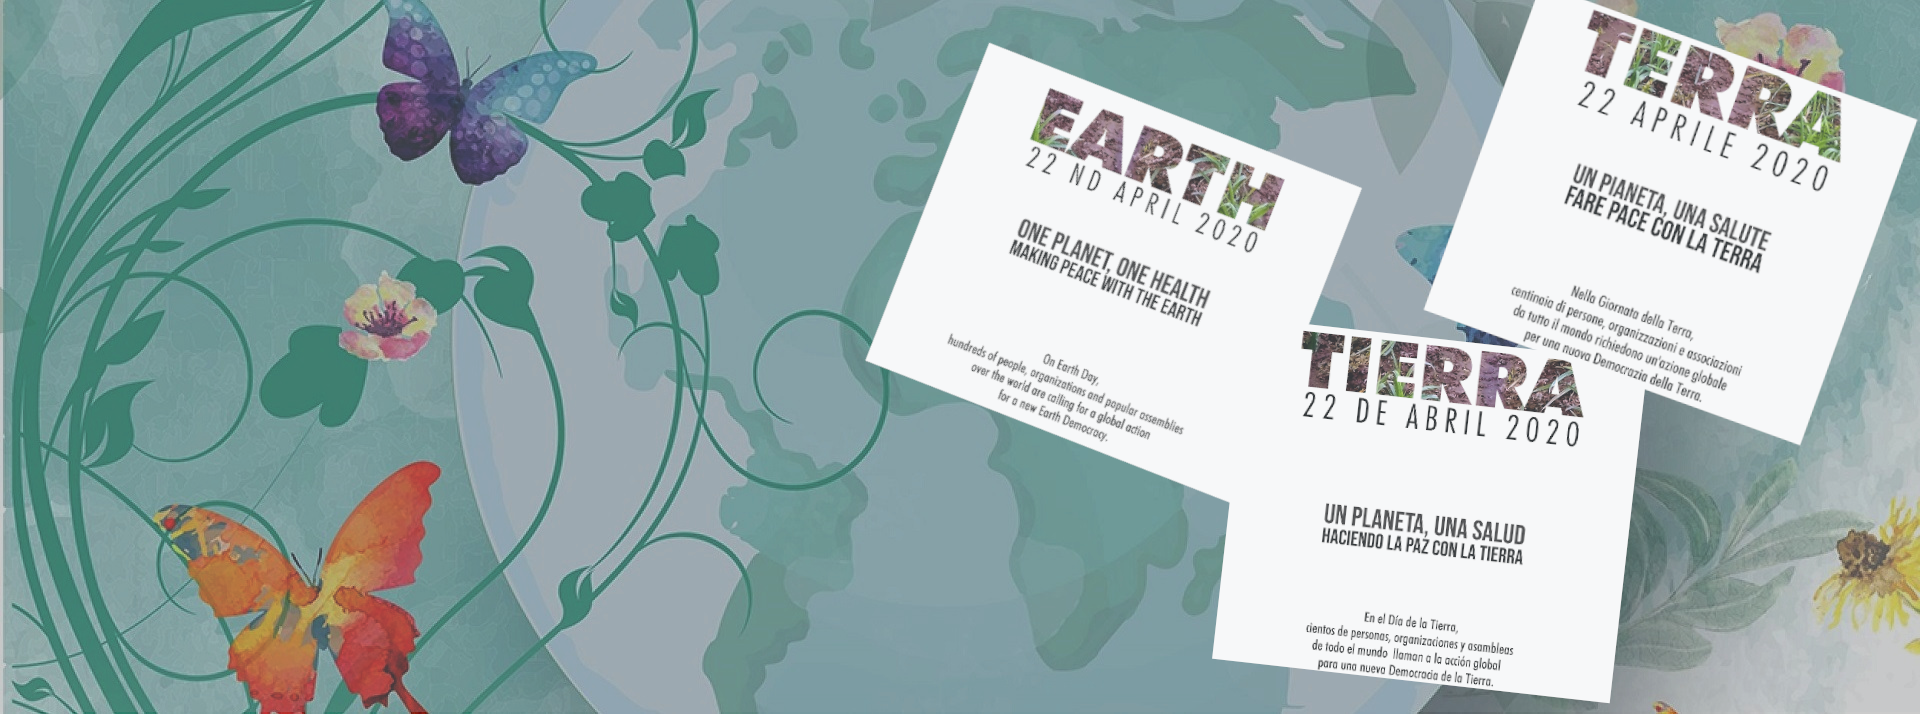 Earth Day Communiqué